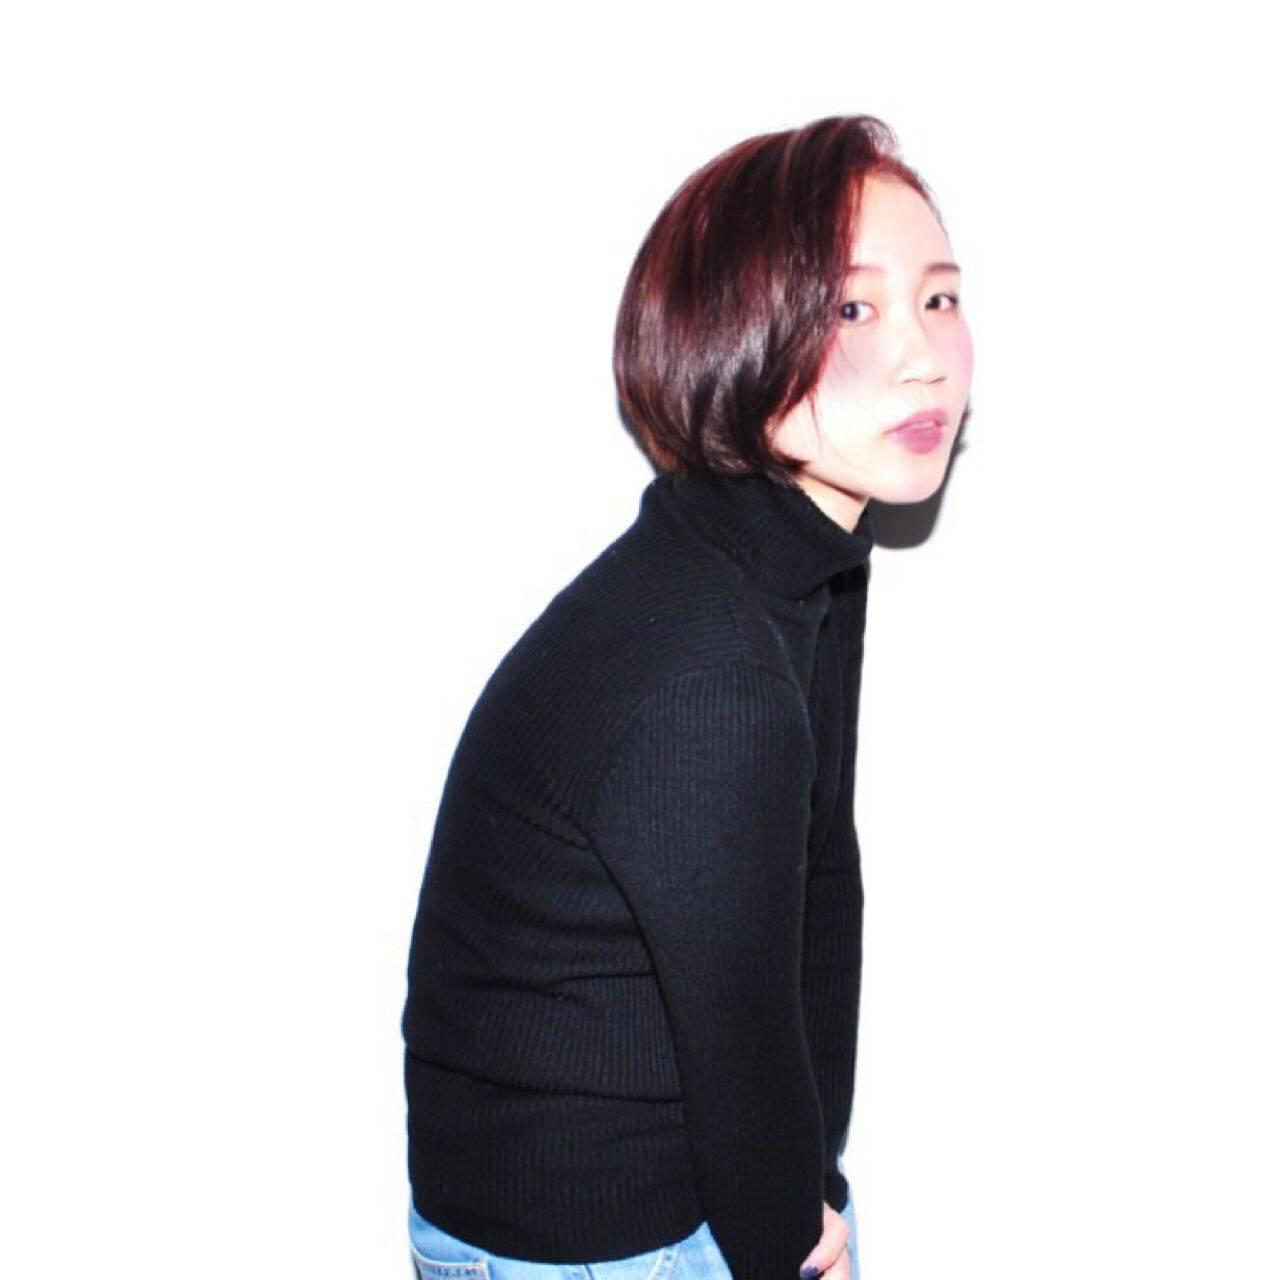 モテ髪 ピンク ガーリー レッドヘアスタイルや髪型の写真・画像